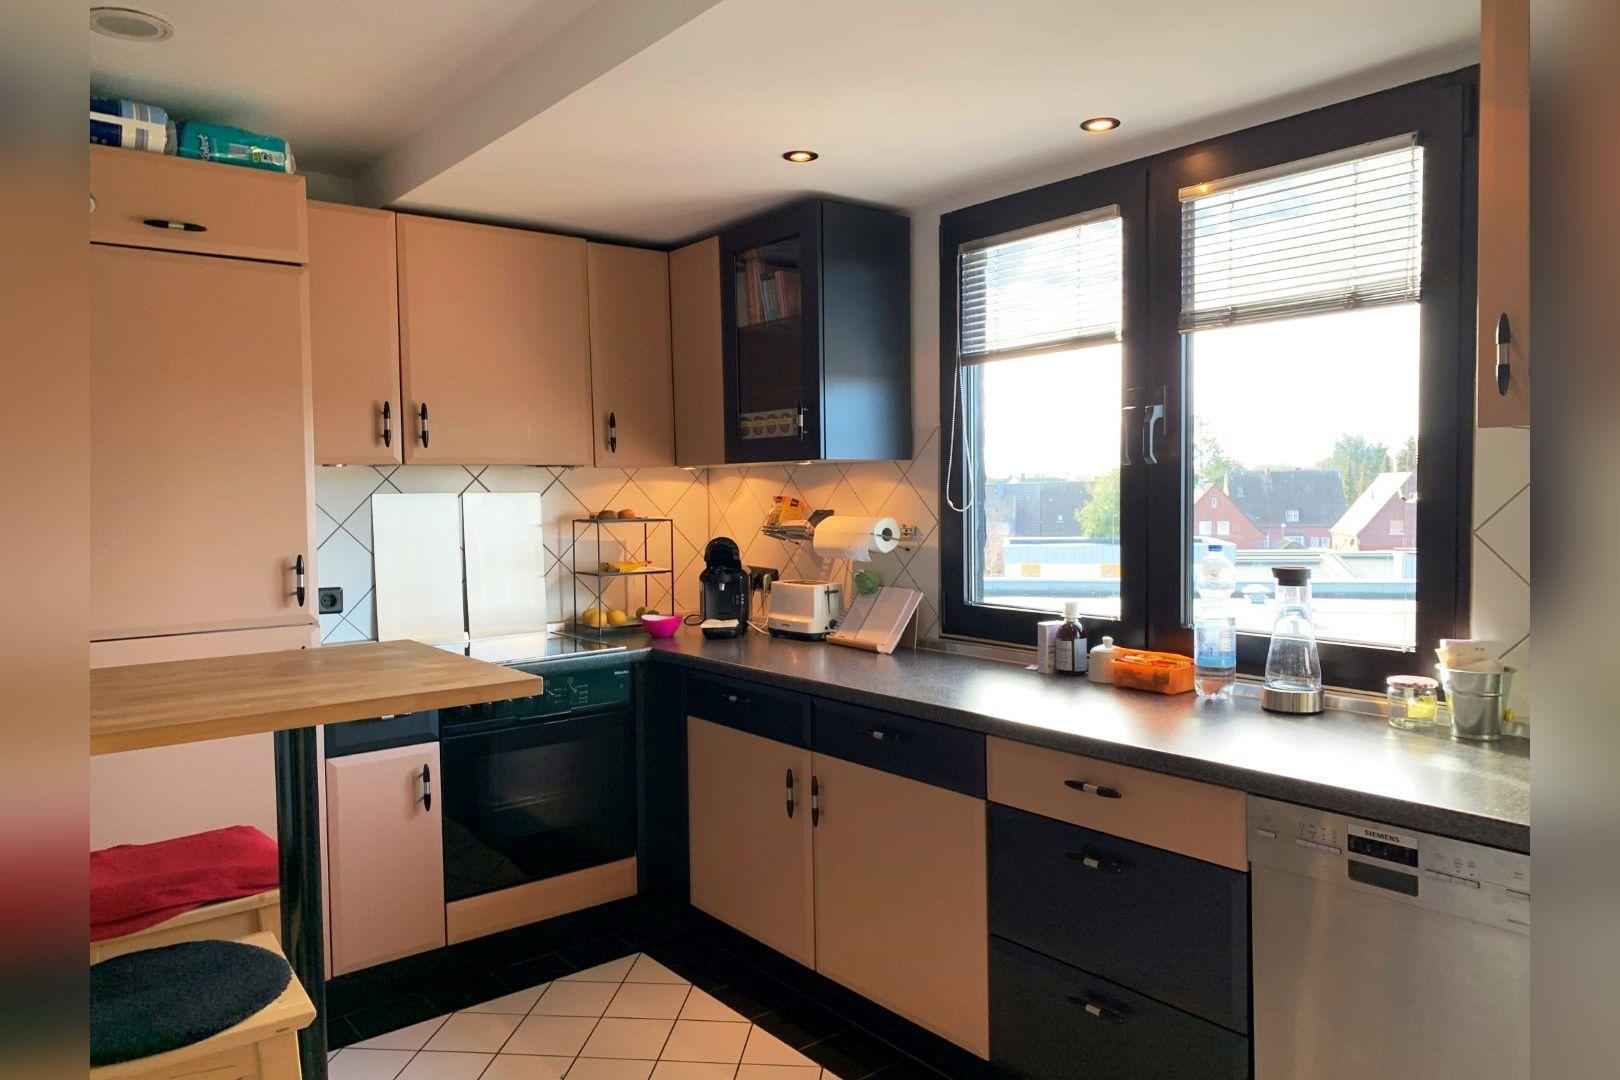 Immobilie Nr.0251 - Maisonette-Wohnung mit Galerie und großer Dachterrasse  - Bild 8.jpg